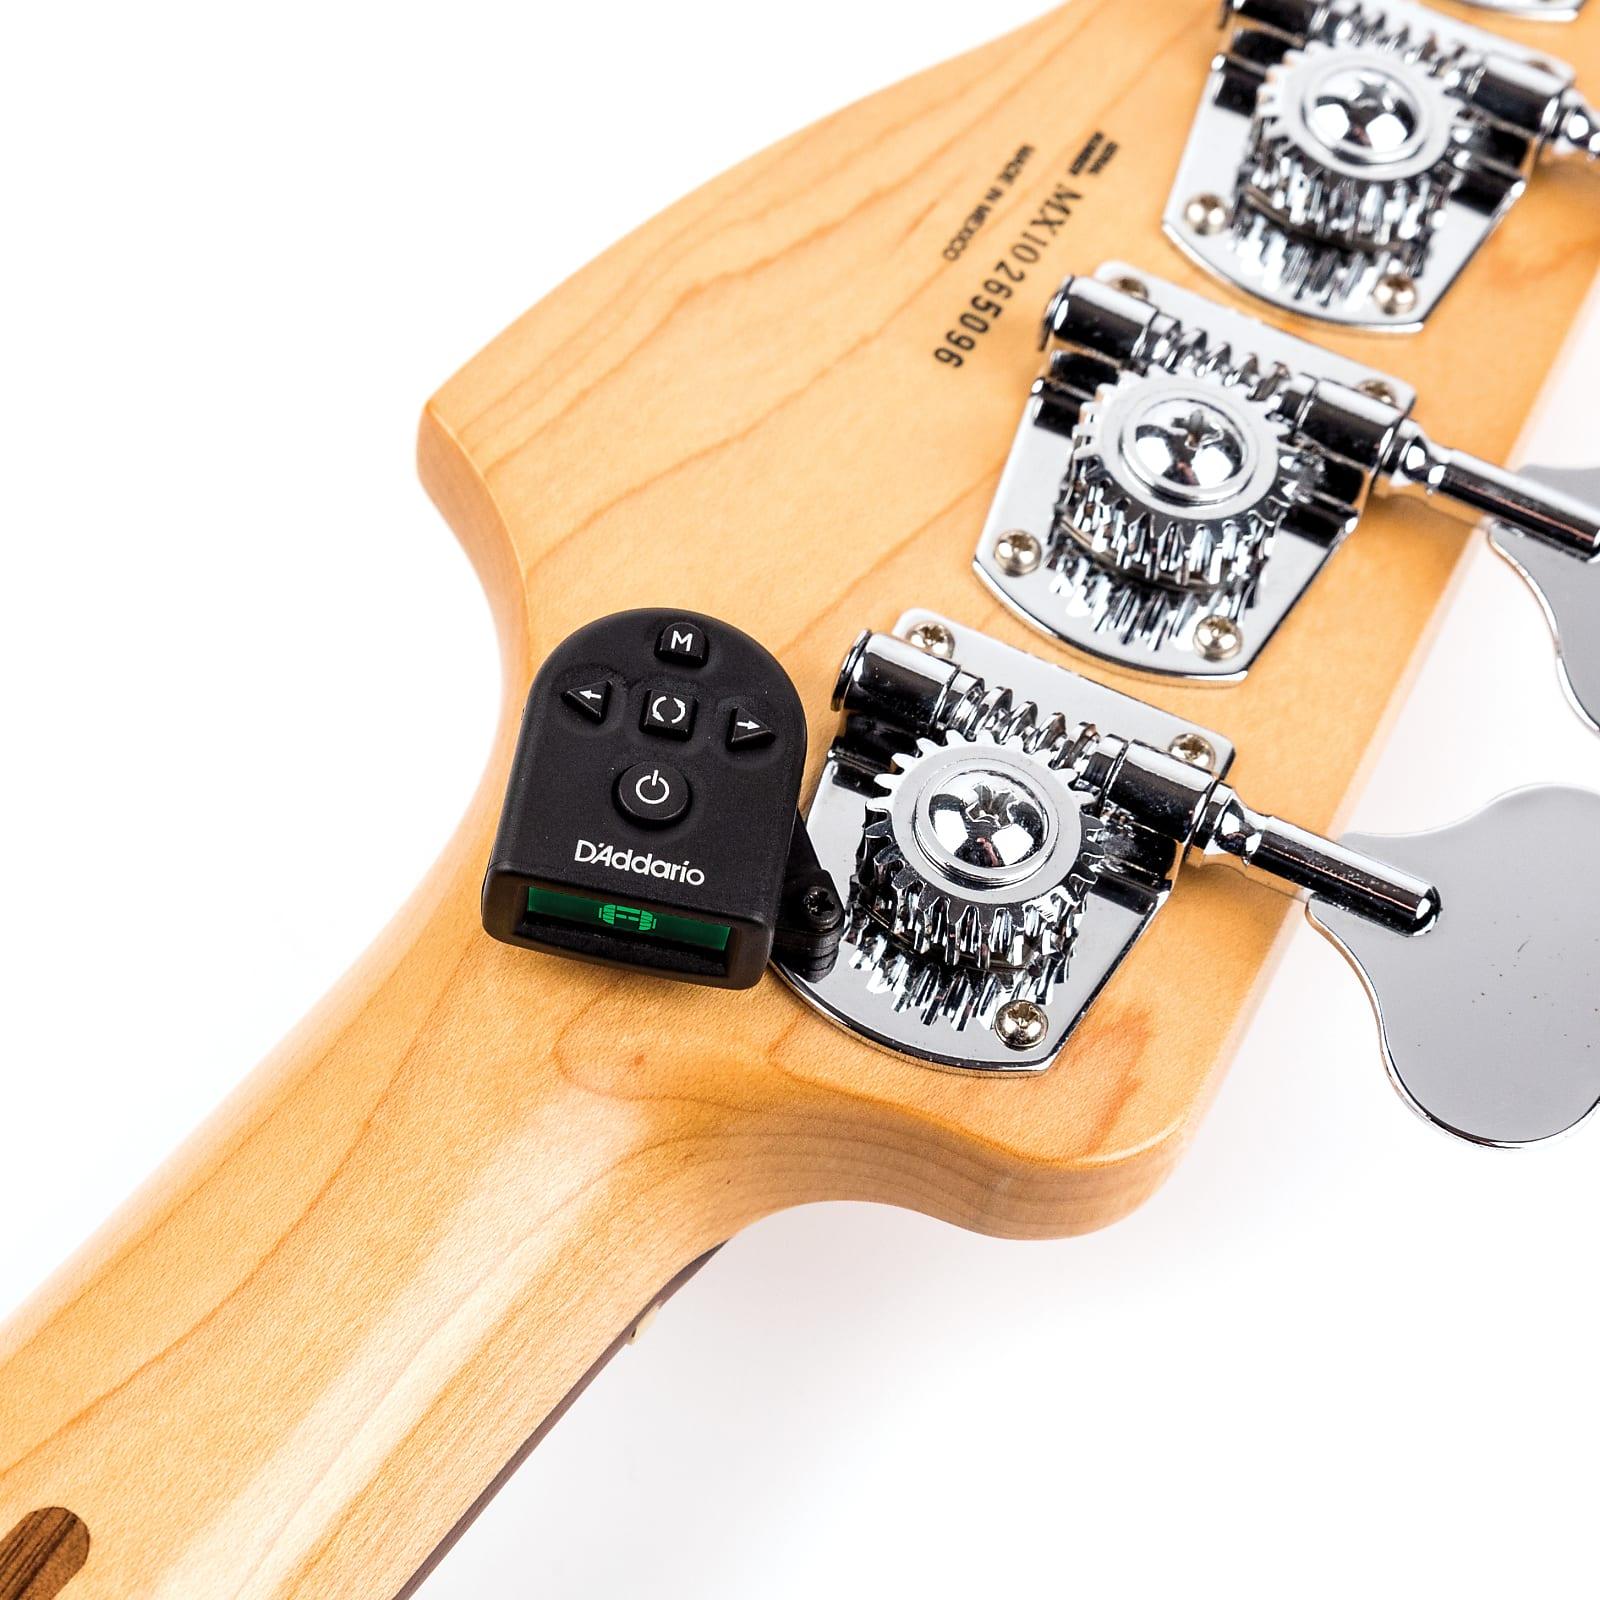 D'Addario Micro Clip-Free Tuner